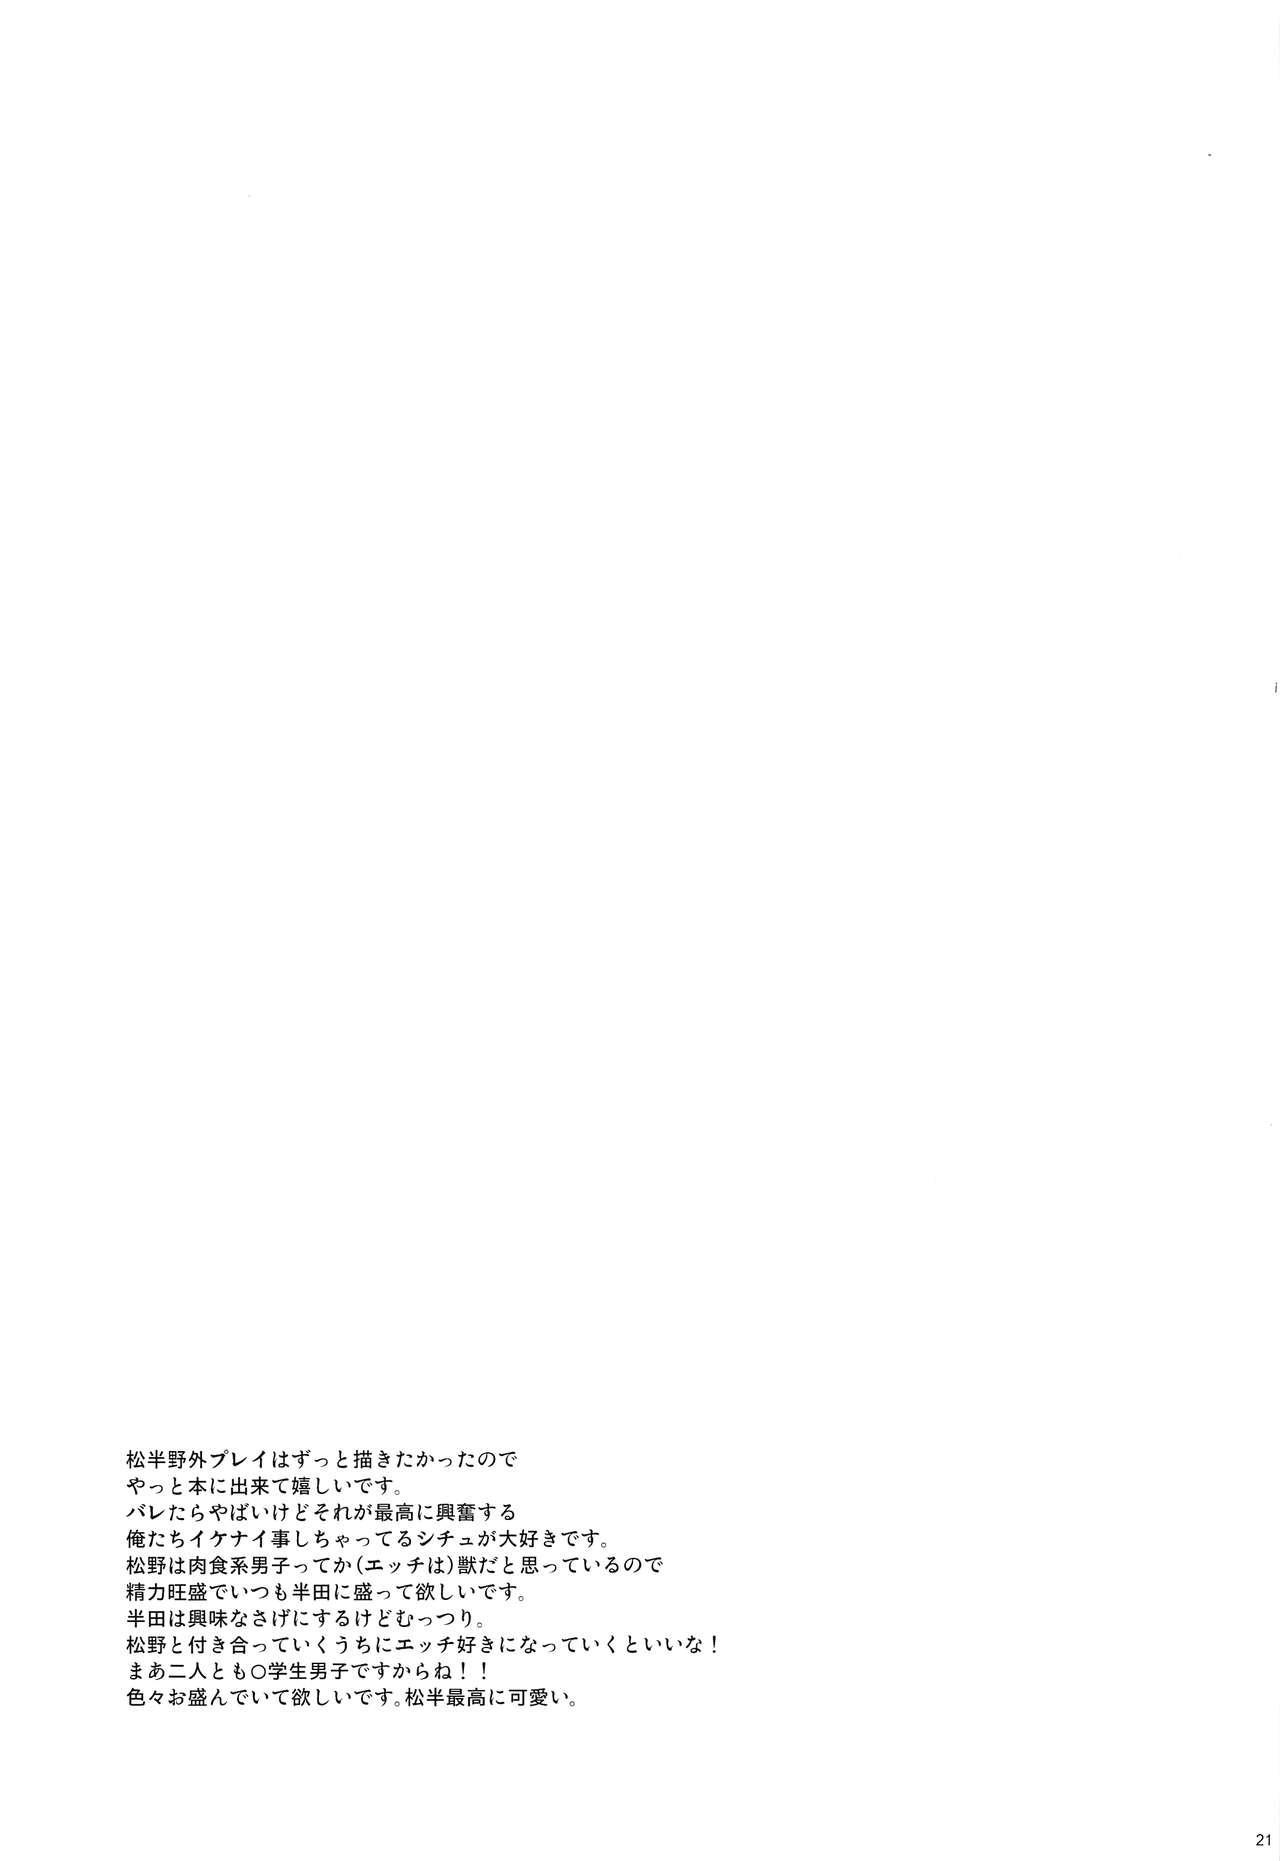 Himitsu no  Tokubetsu Renshuu 19